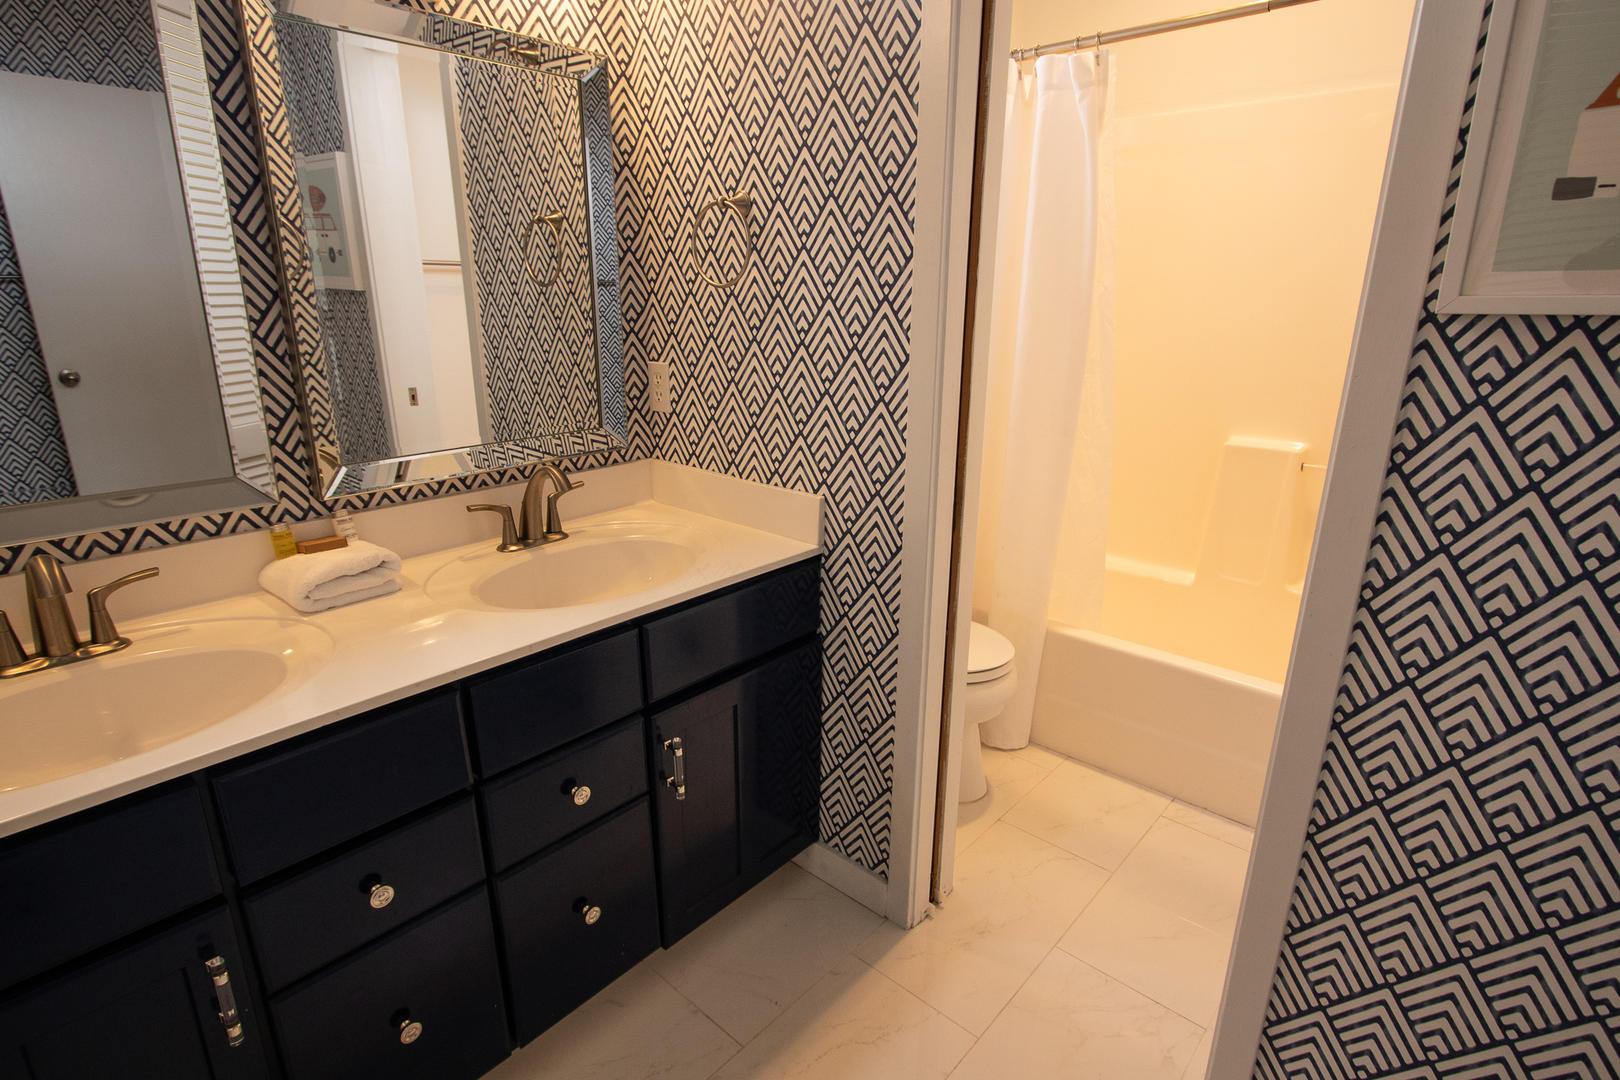 1st floor bathroom between bedrooms 2 and 3